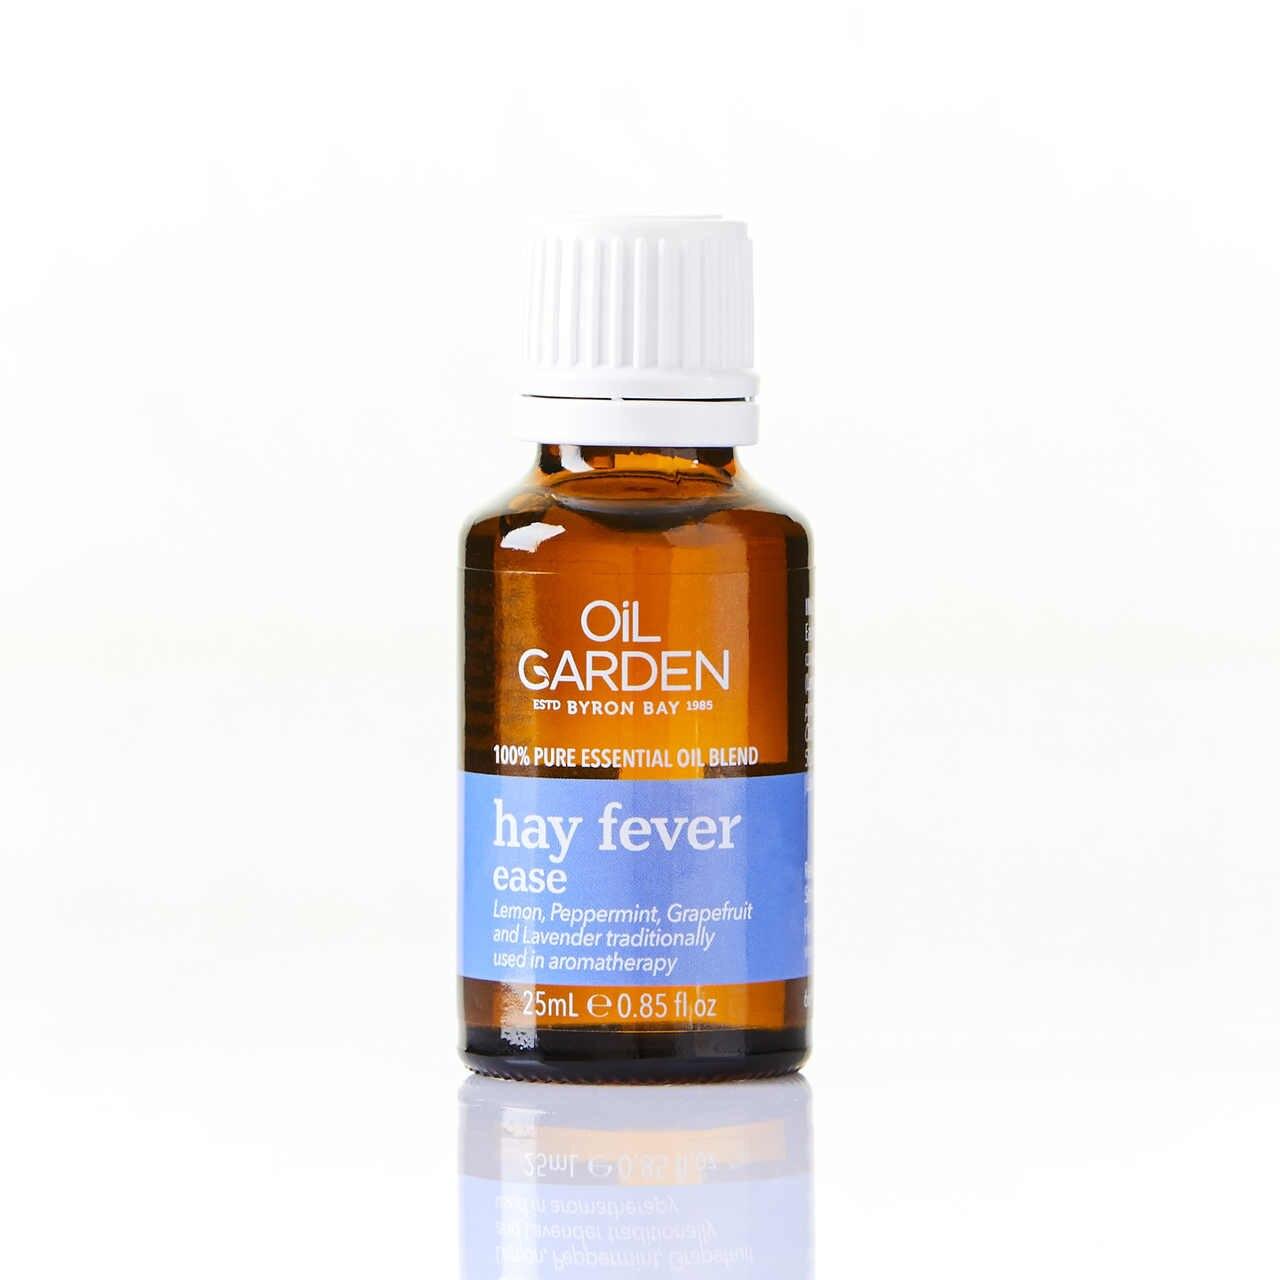 Oil Garden Hay Fever Ease Essential Oil Blend 25mL 6691391